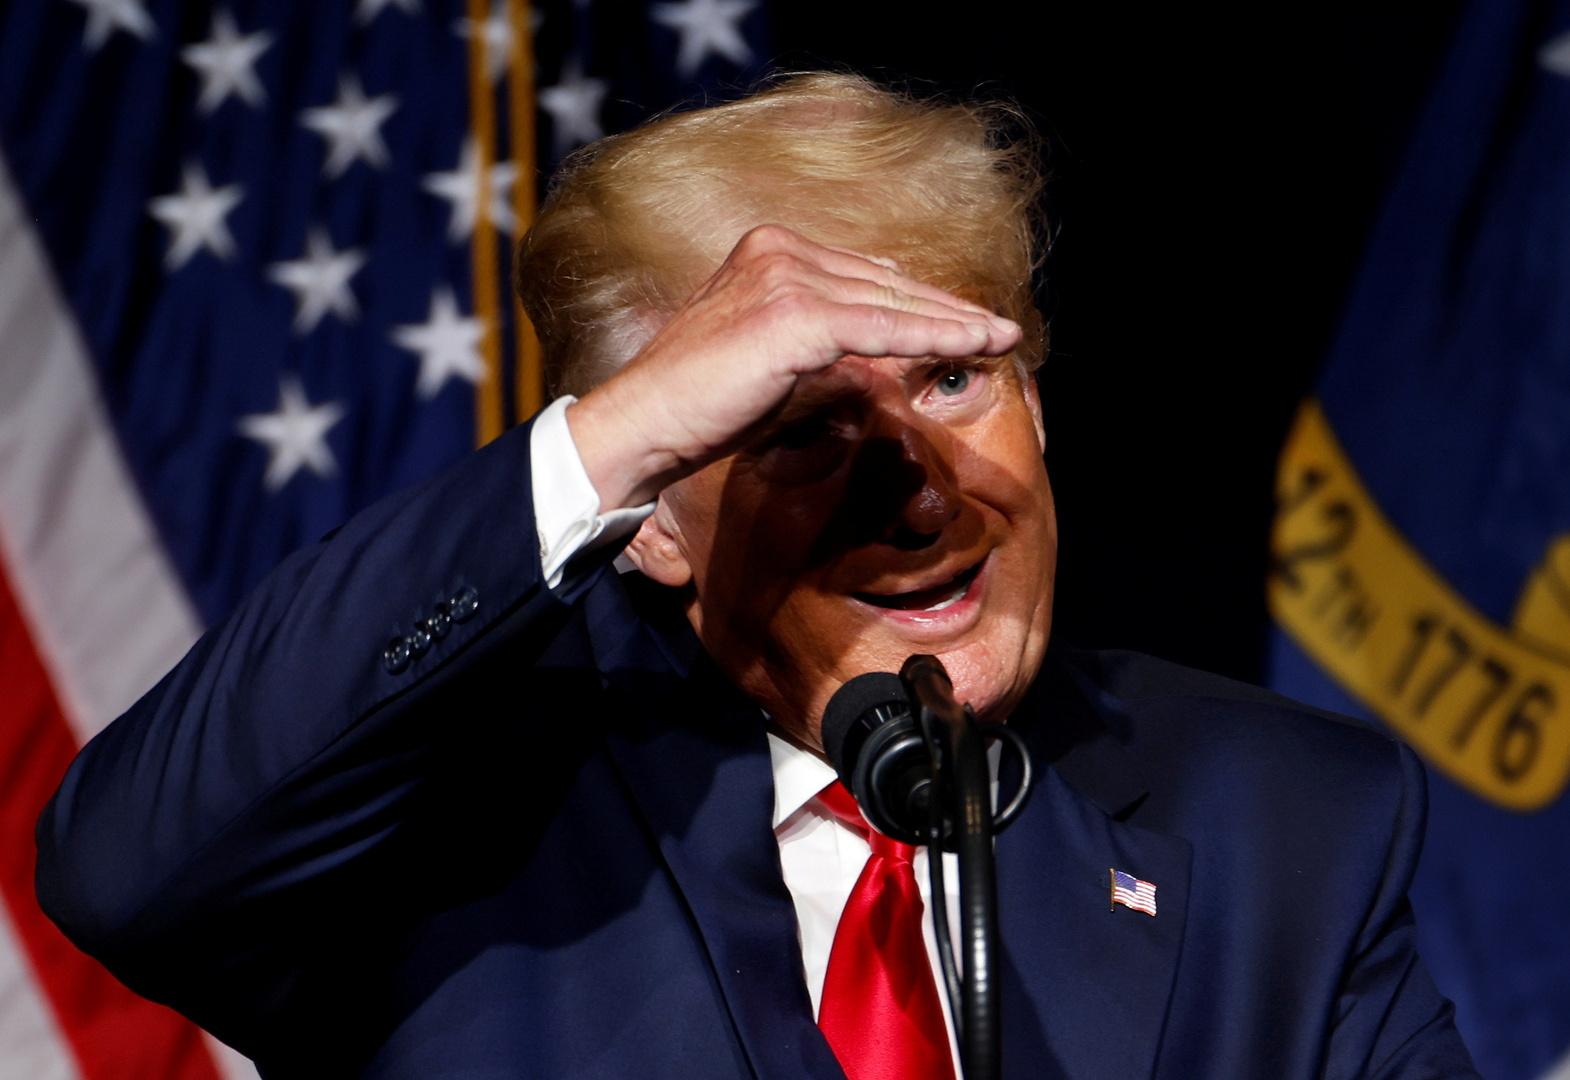 تقرير: ترامب فكر في إرسال سياح أمريكيين أصيبوا بكورونا إلى غوانتانامو